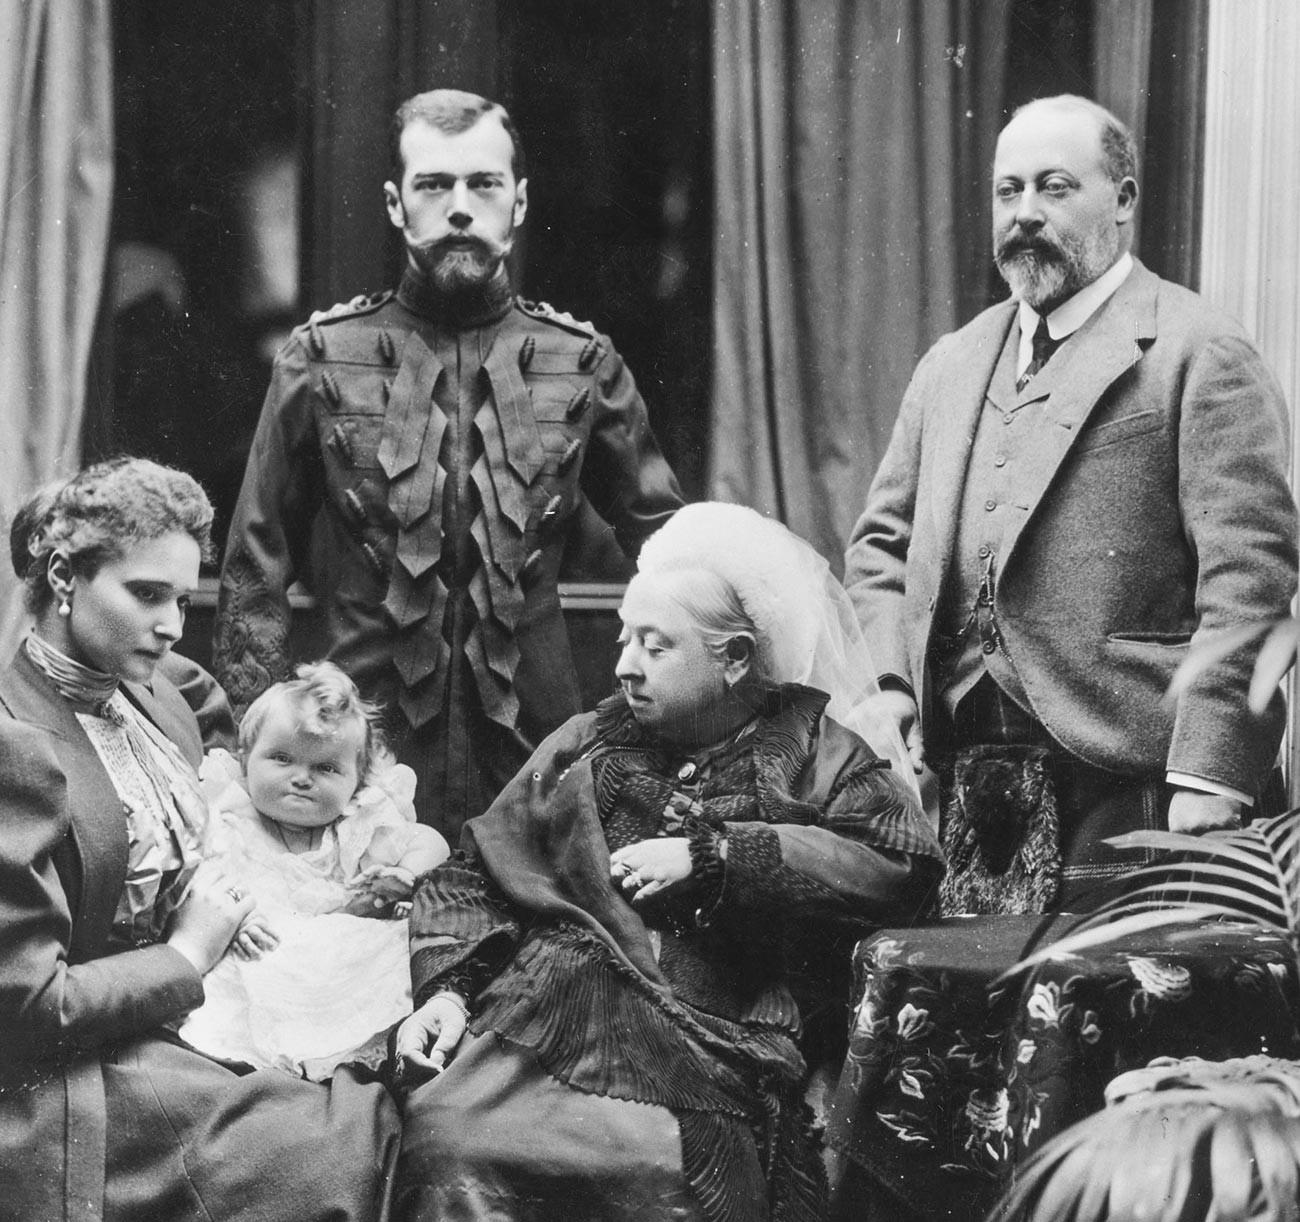 La reine Victoria et son fils, le prince Edward VII, en compagnie de l'empereur russe Nicolas II, de sa femme Alexandra, et de leur fille tout juste née, Olga